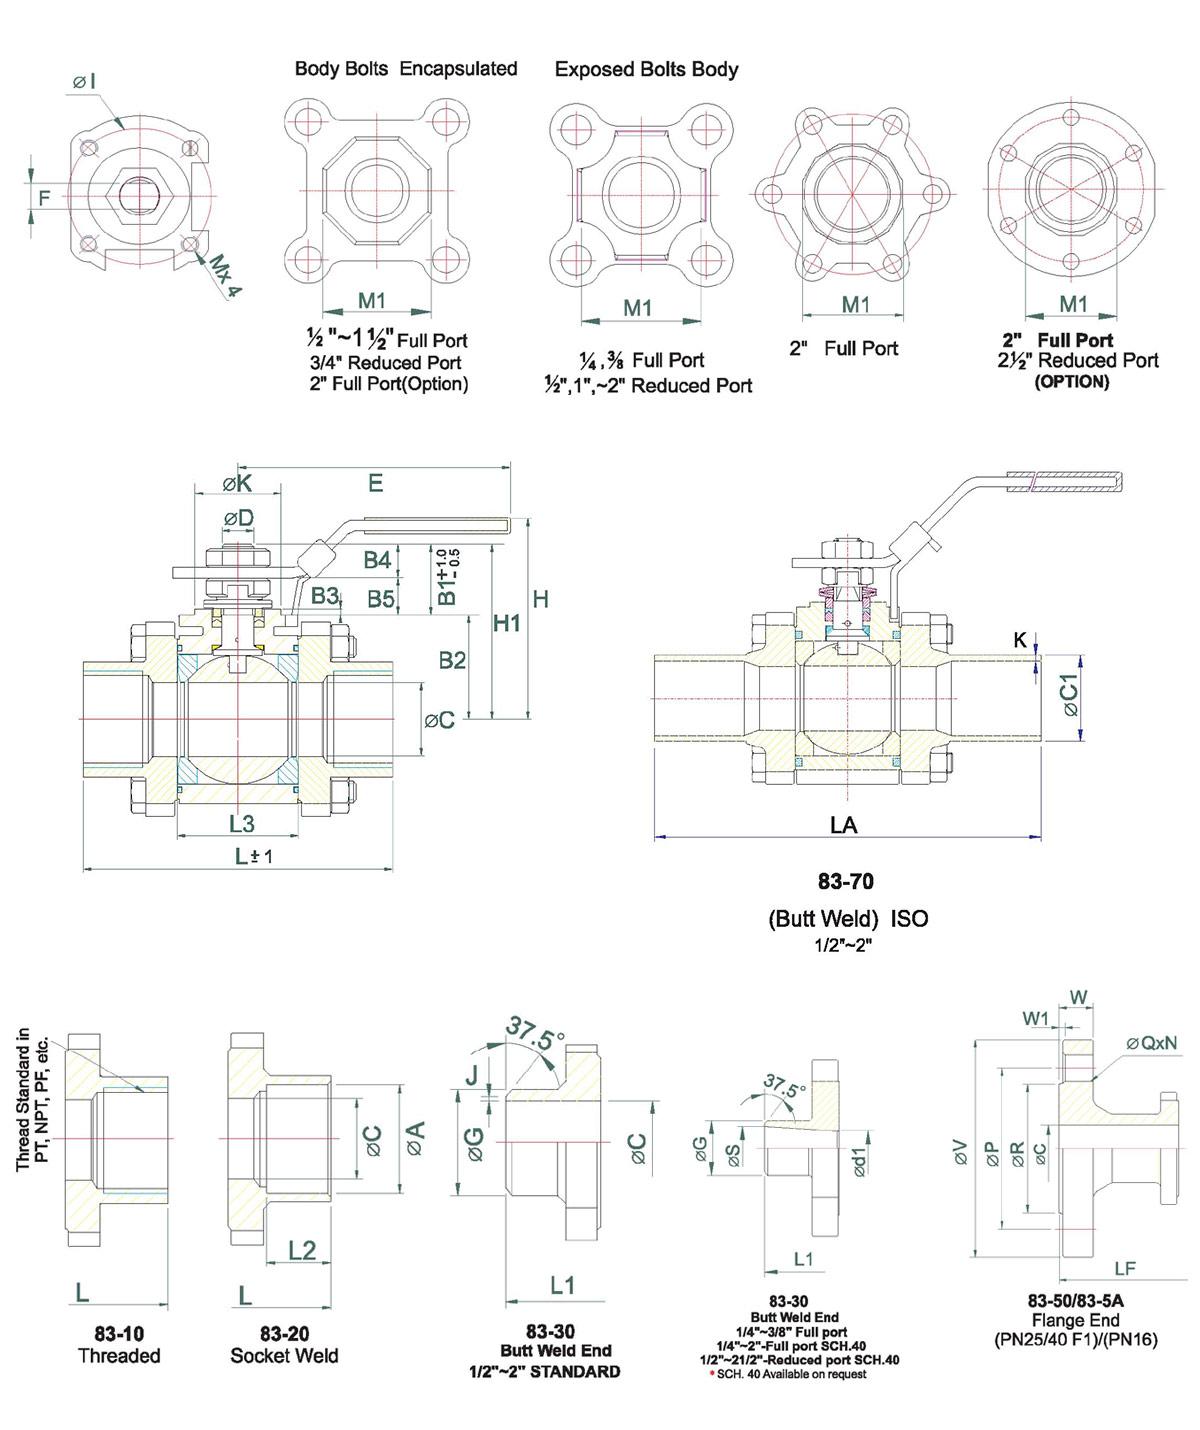 Technische Daten und Abmessungen der MARS-Kugelhähne 83